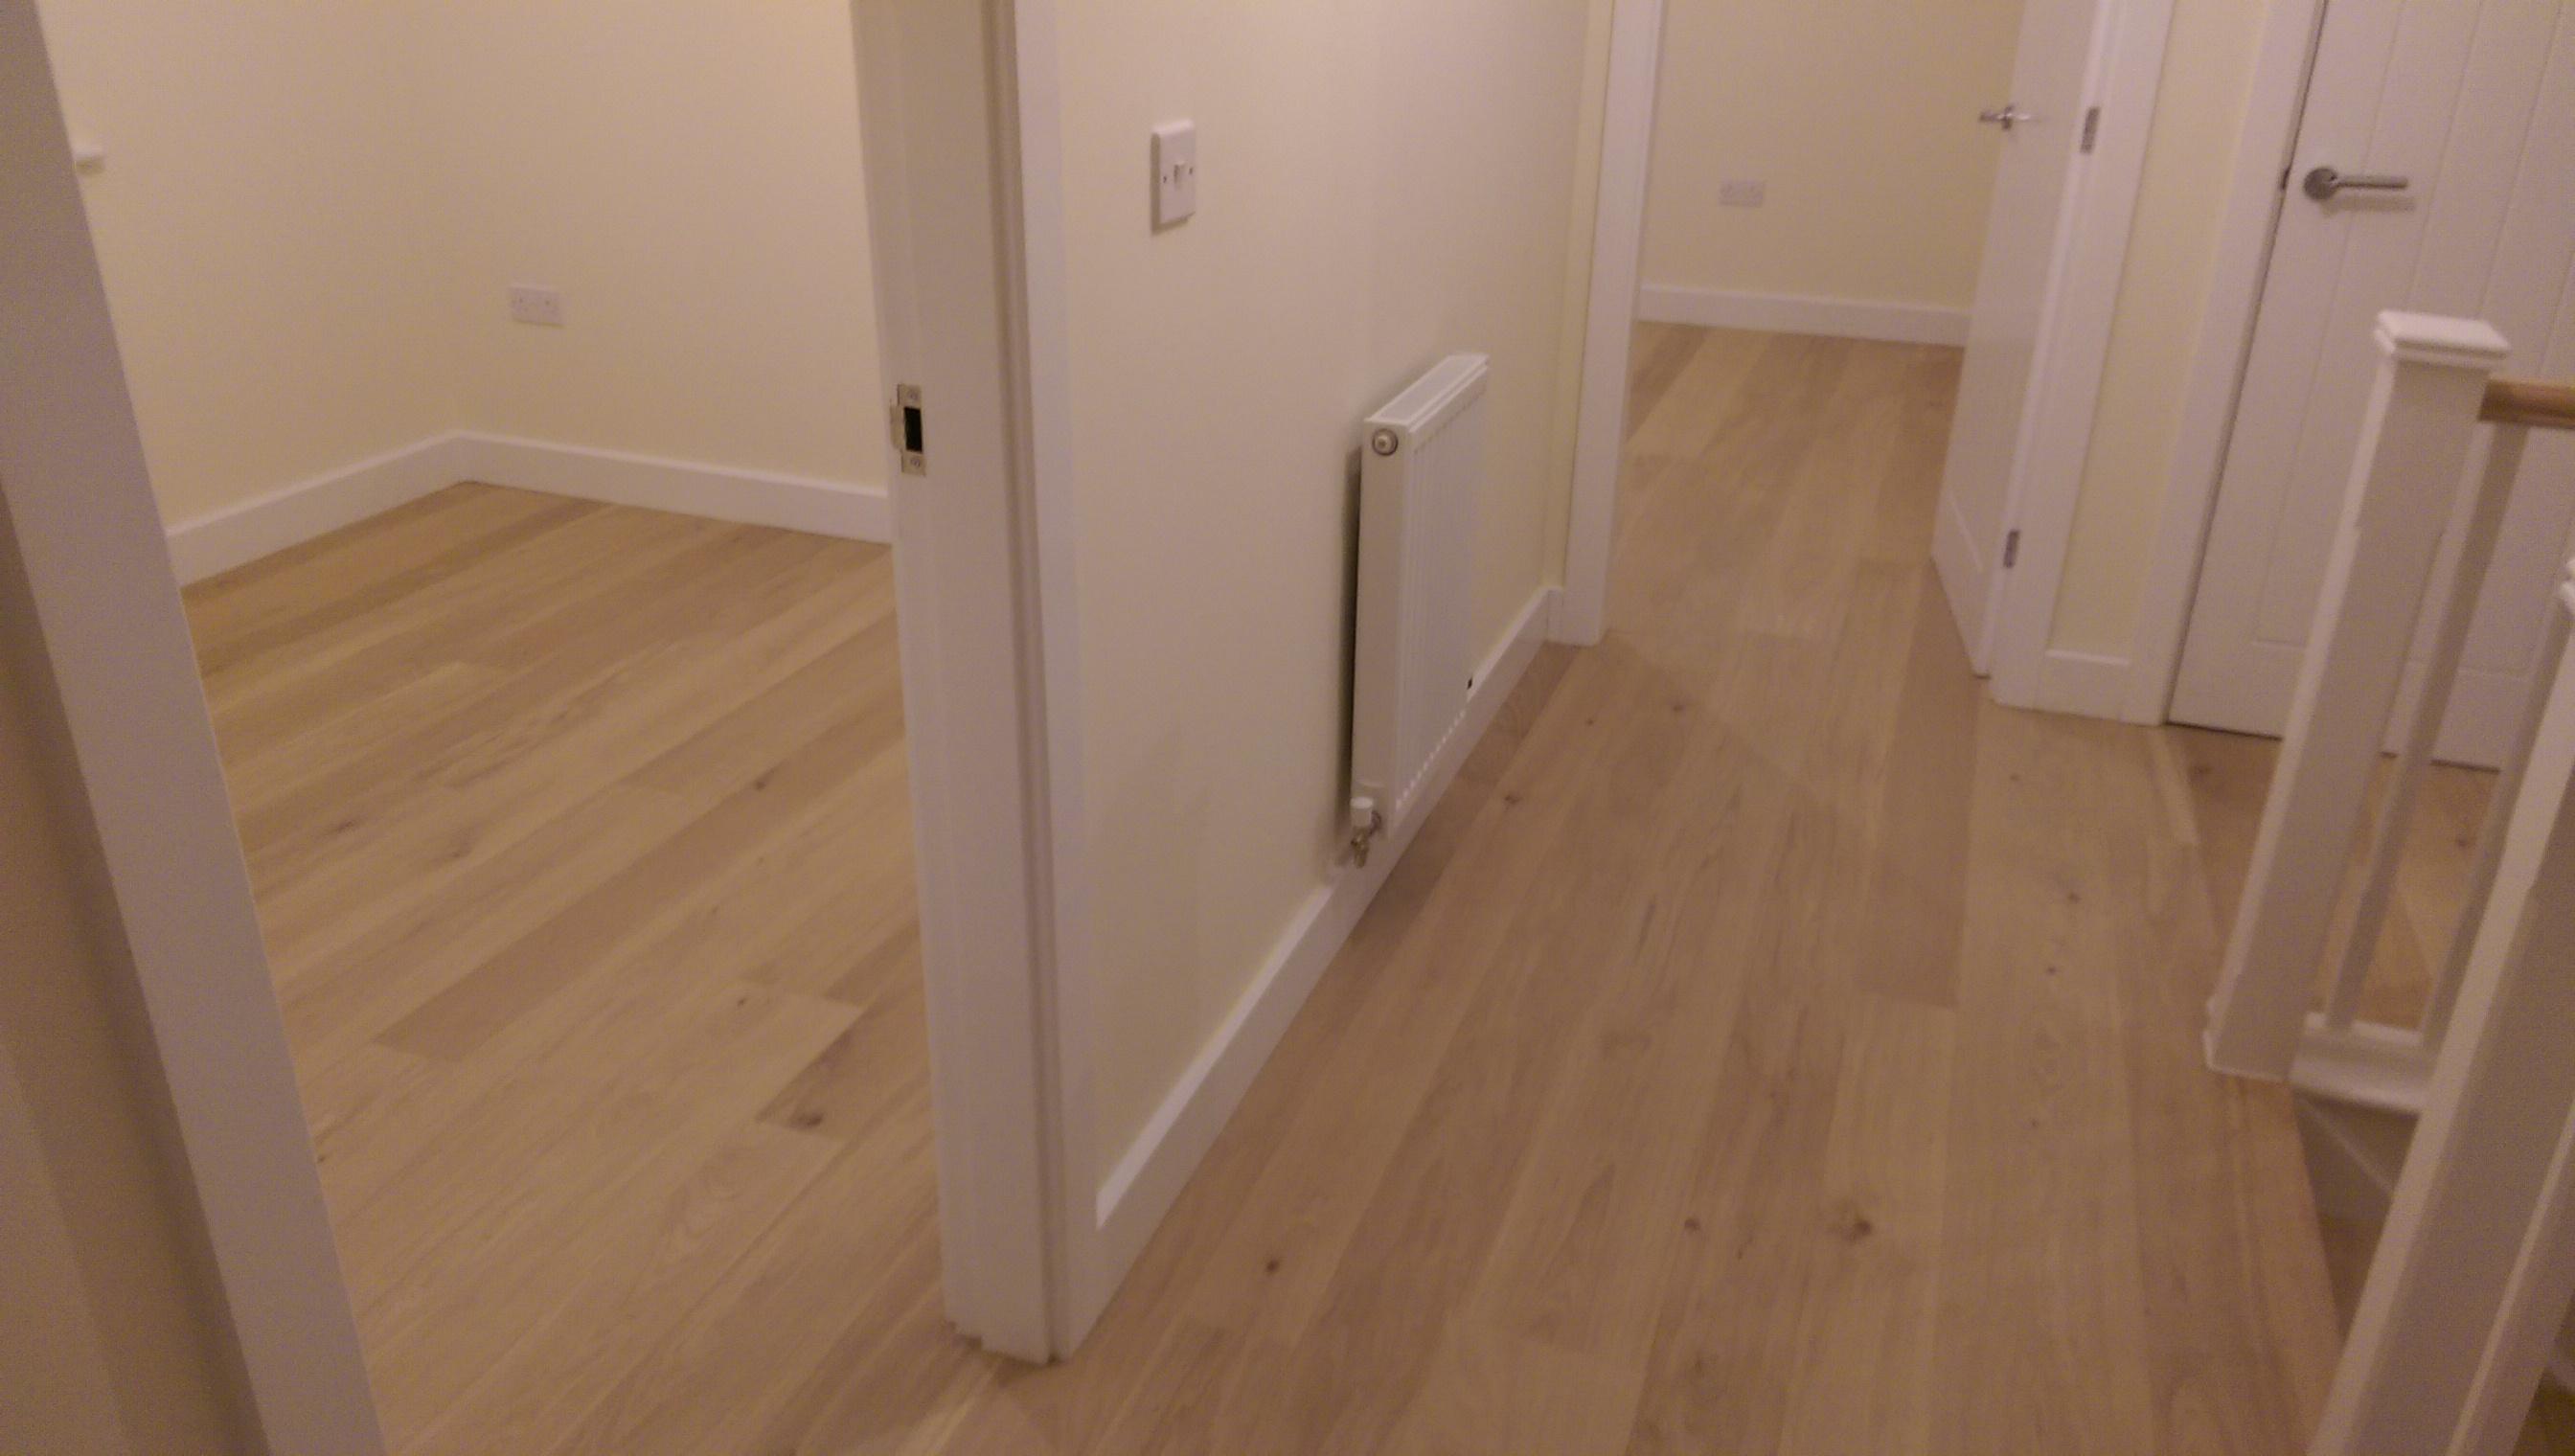 Bicester Based Hardwood Flooring Installers U2022 Oxfordshire Area Covered U2022  21mm Engineered Wood Flooring Mixed Widths U2022 Boen Engineered Food Floors  Pre  ...